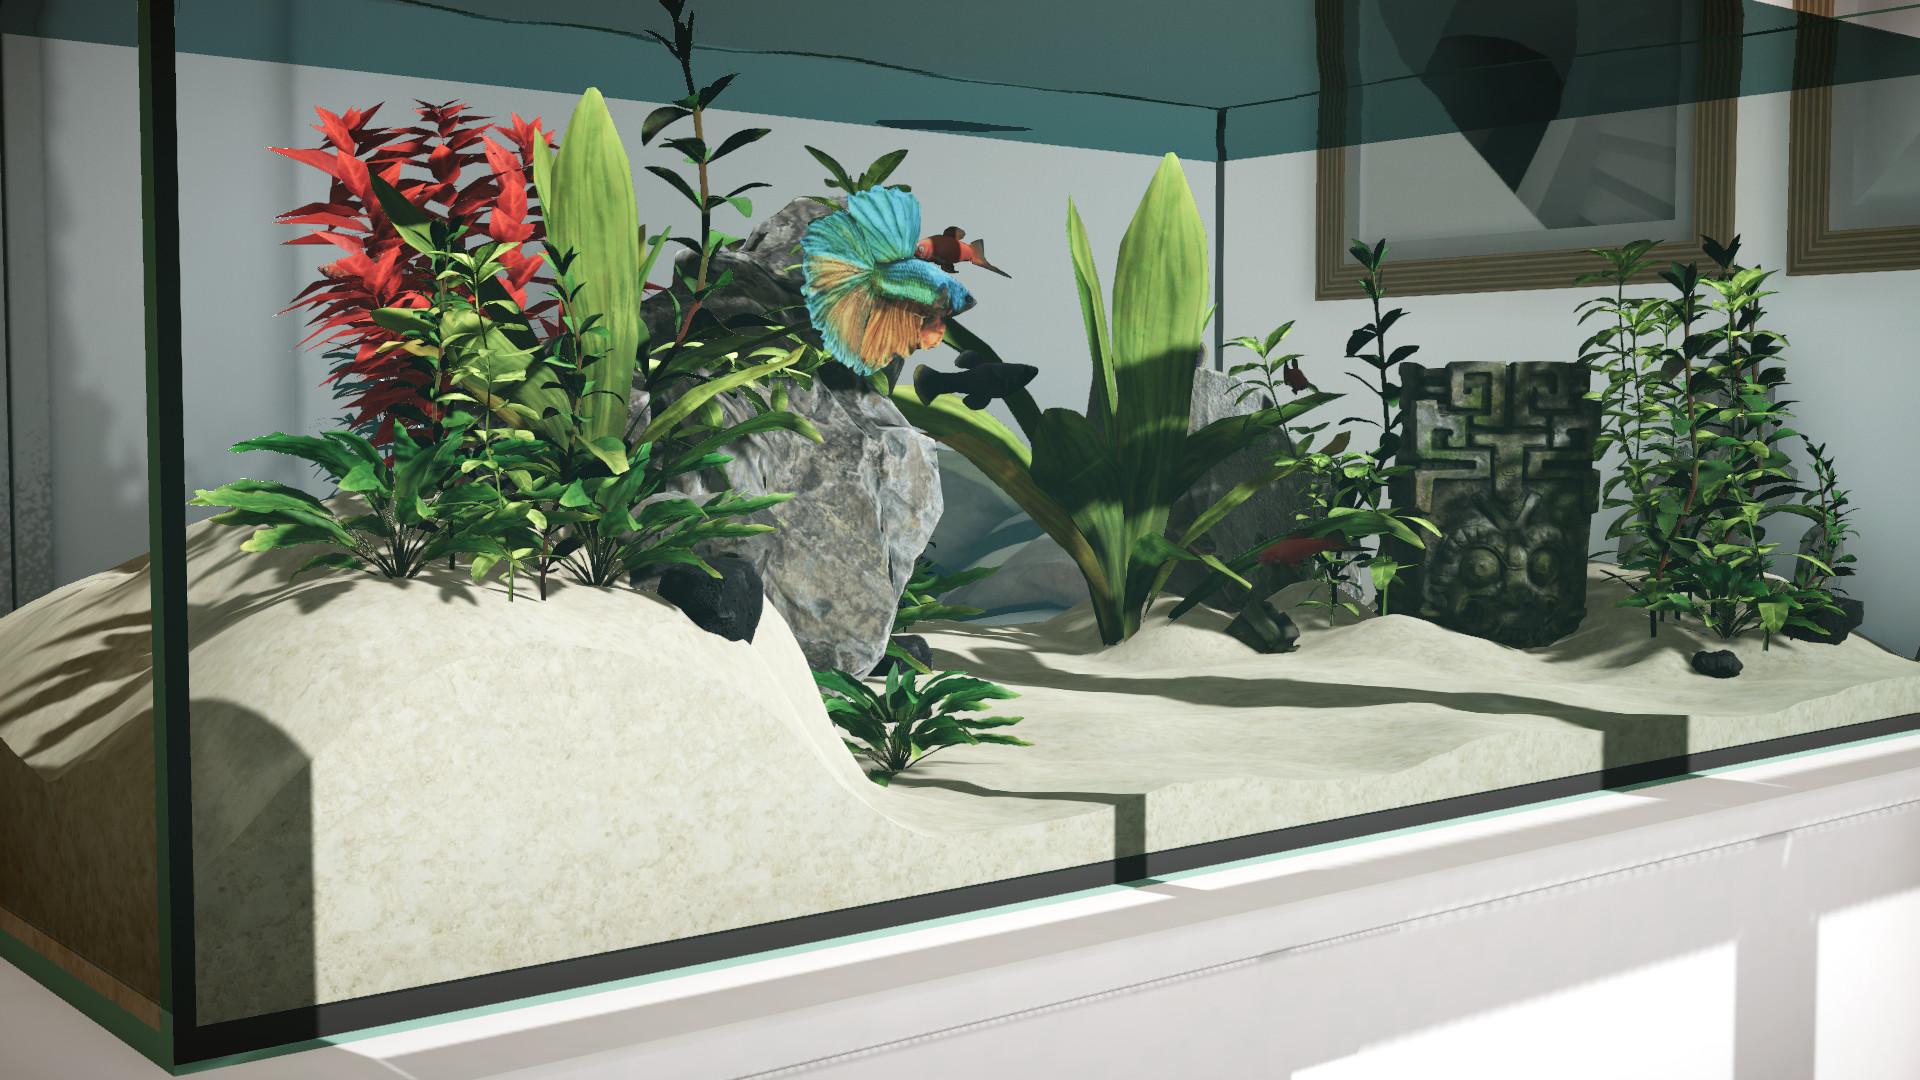 轻松模拟游戏《水族箱设计师》将于10月21日发售插图7